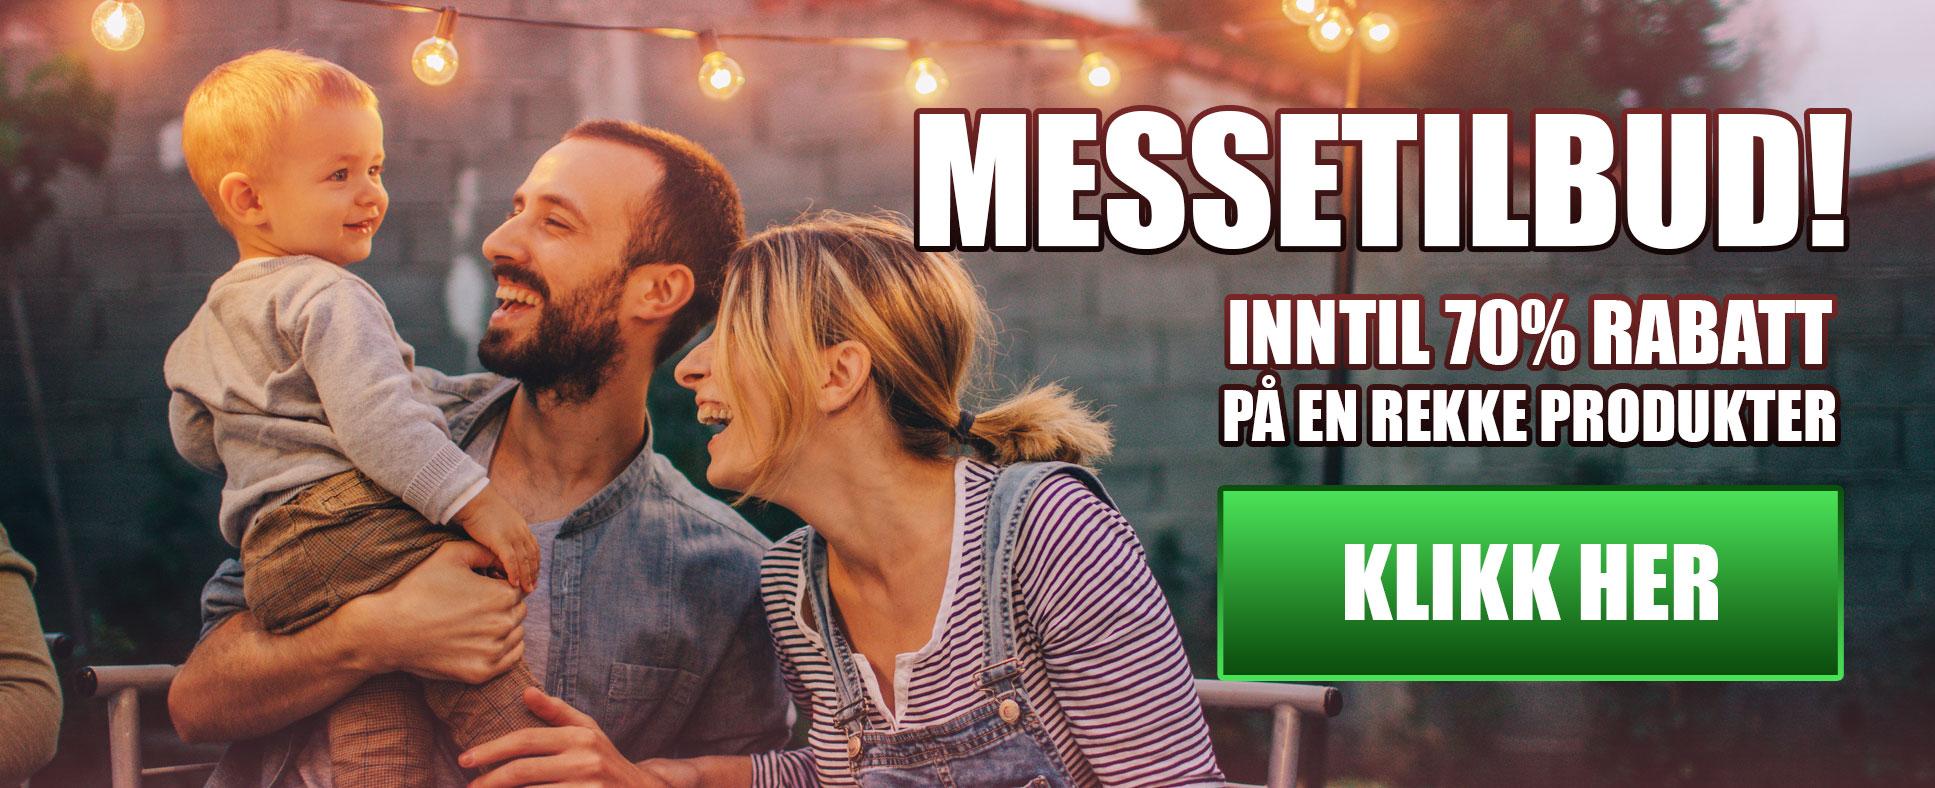 Messetilbud Annonse_inntil